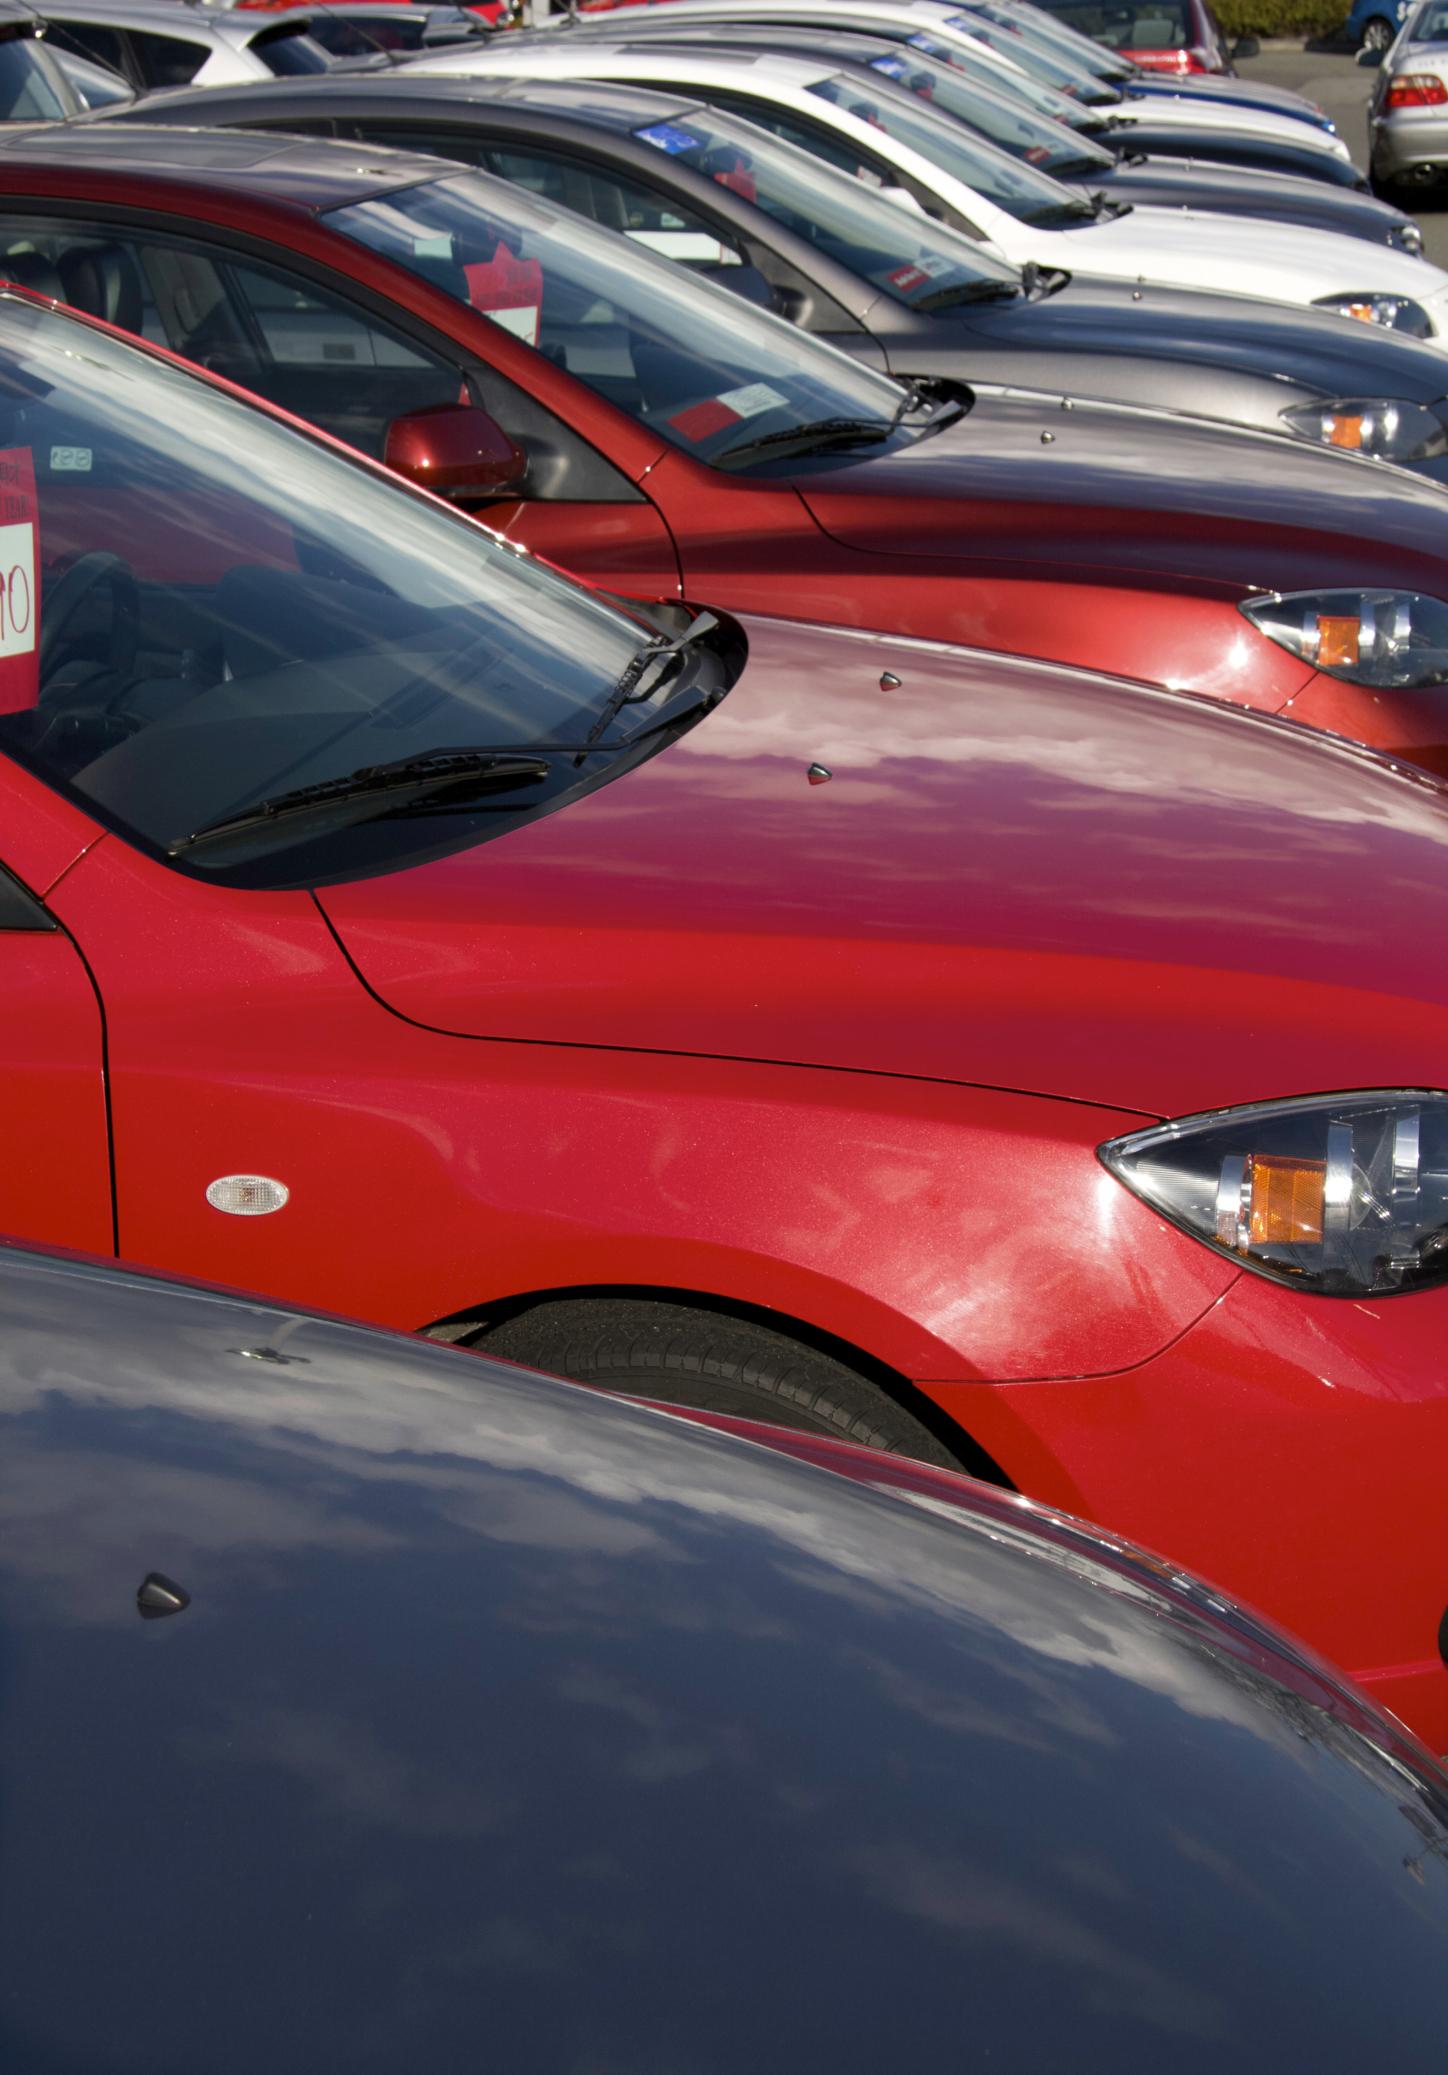 Buying flashy cars